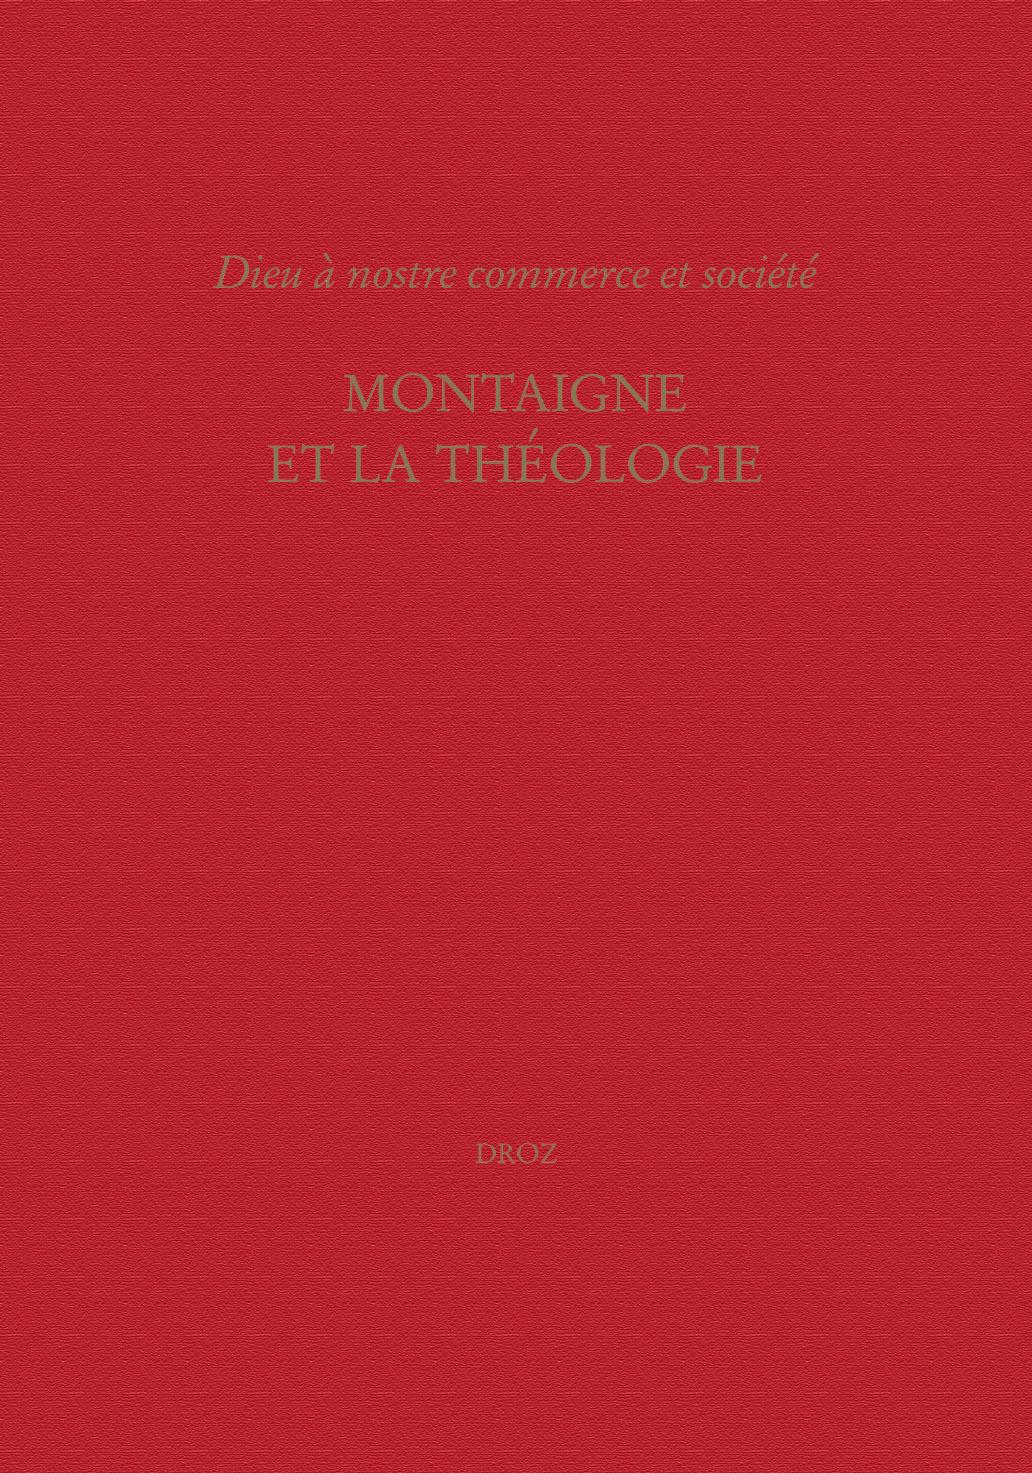 """""""DIEU A NOSTRE COMMERCE ET SOCIETE"""" : MONTAIGNE ET LA THEOLOGIE"""